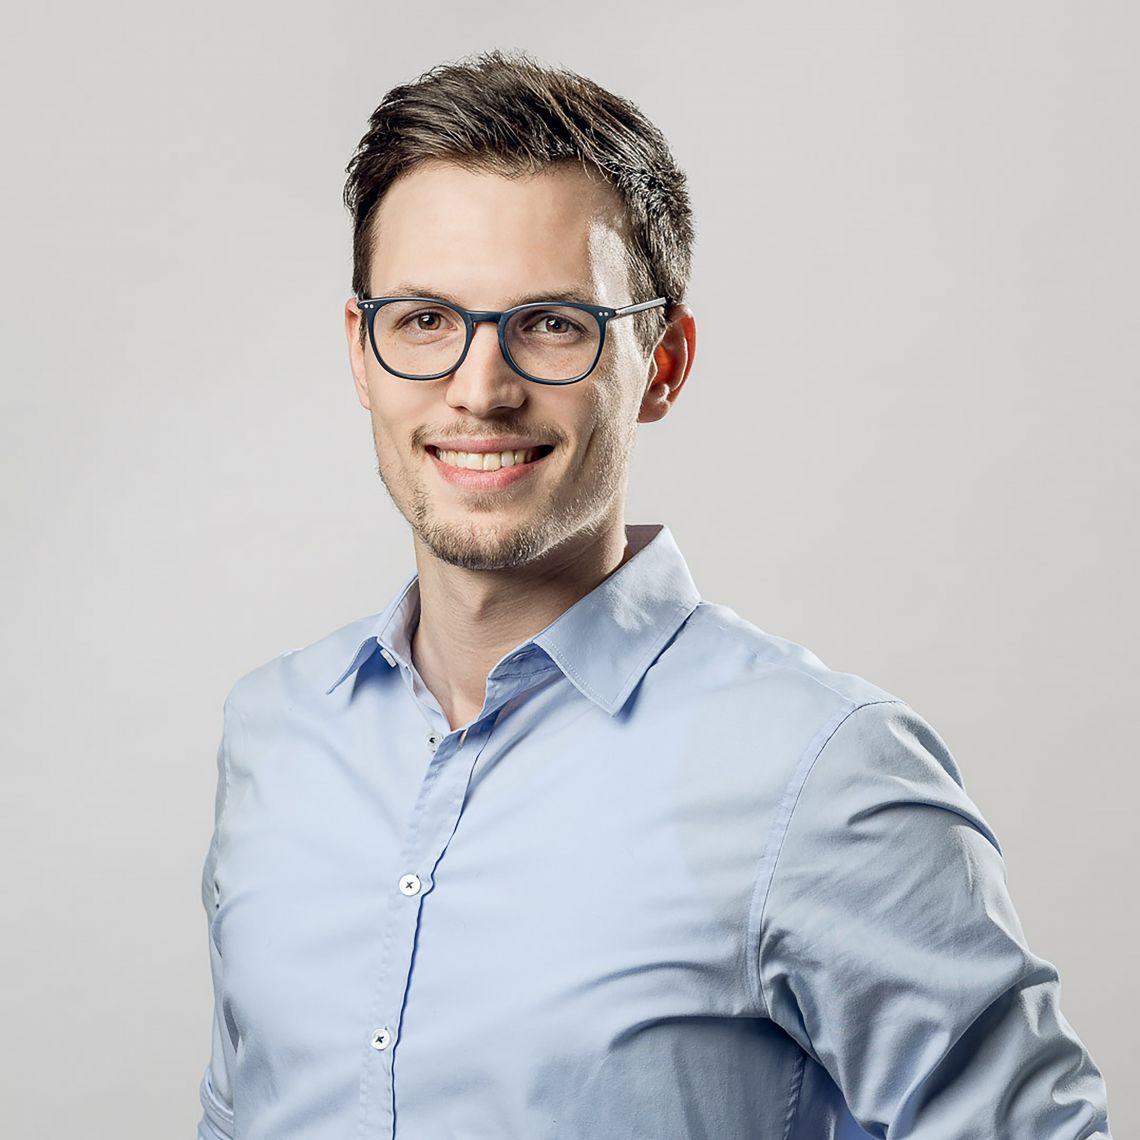 """Neu am IST: Berufsbegleitend zum """"Digital Marketing Manager"""" weiterbilden"""